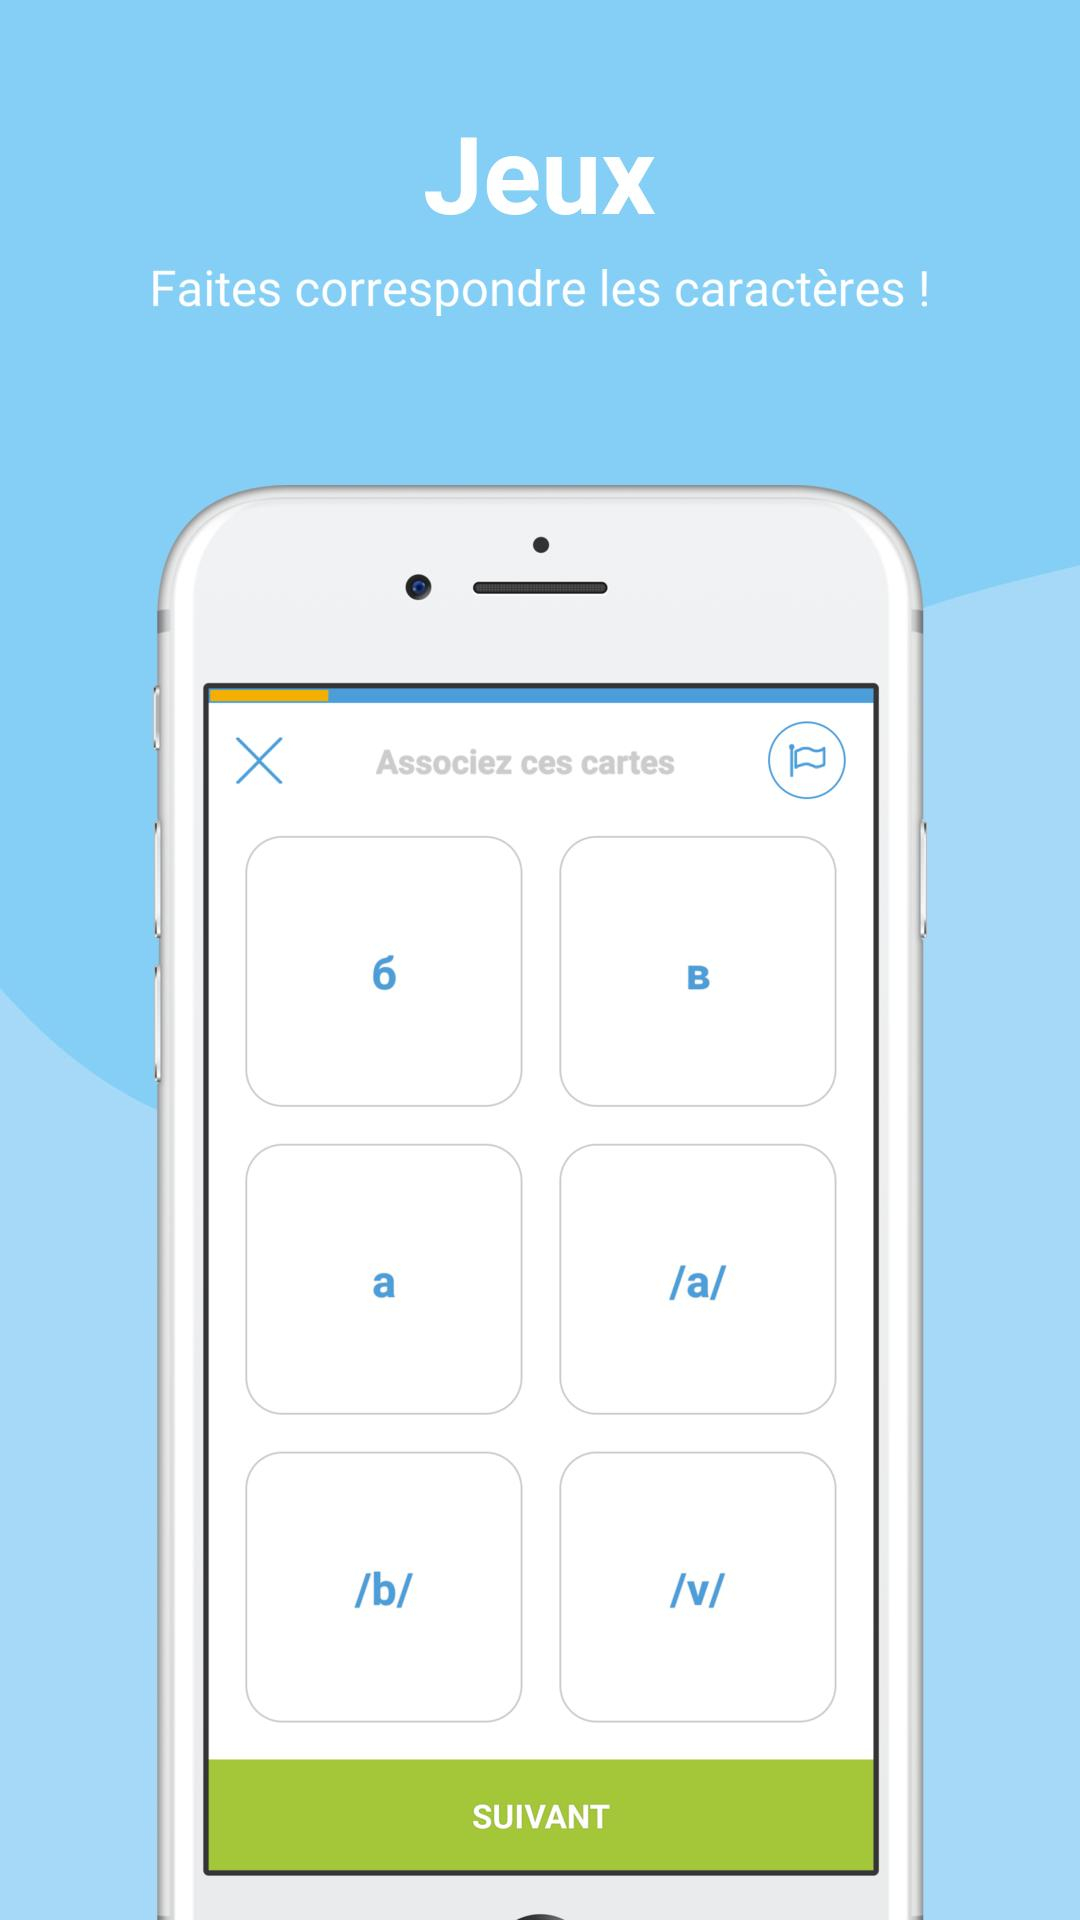 Apprendre À Écrire L'alphabet Russe Pour Android intérieur Ecrire L Alphabet